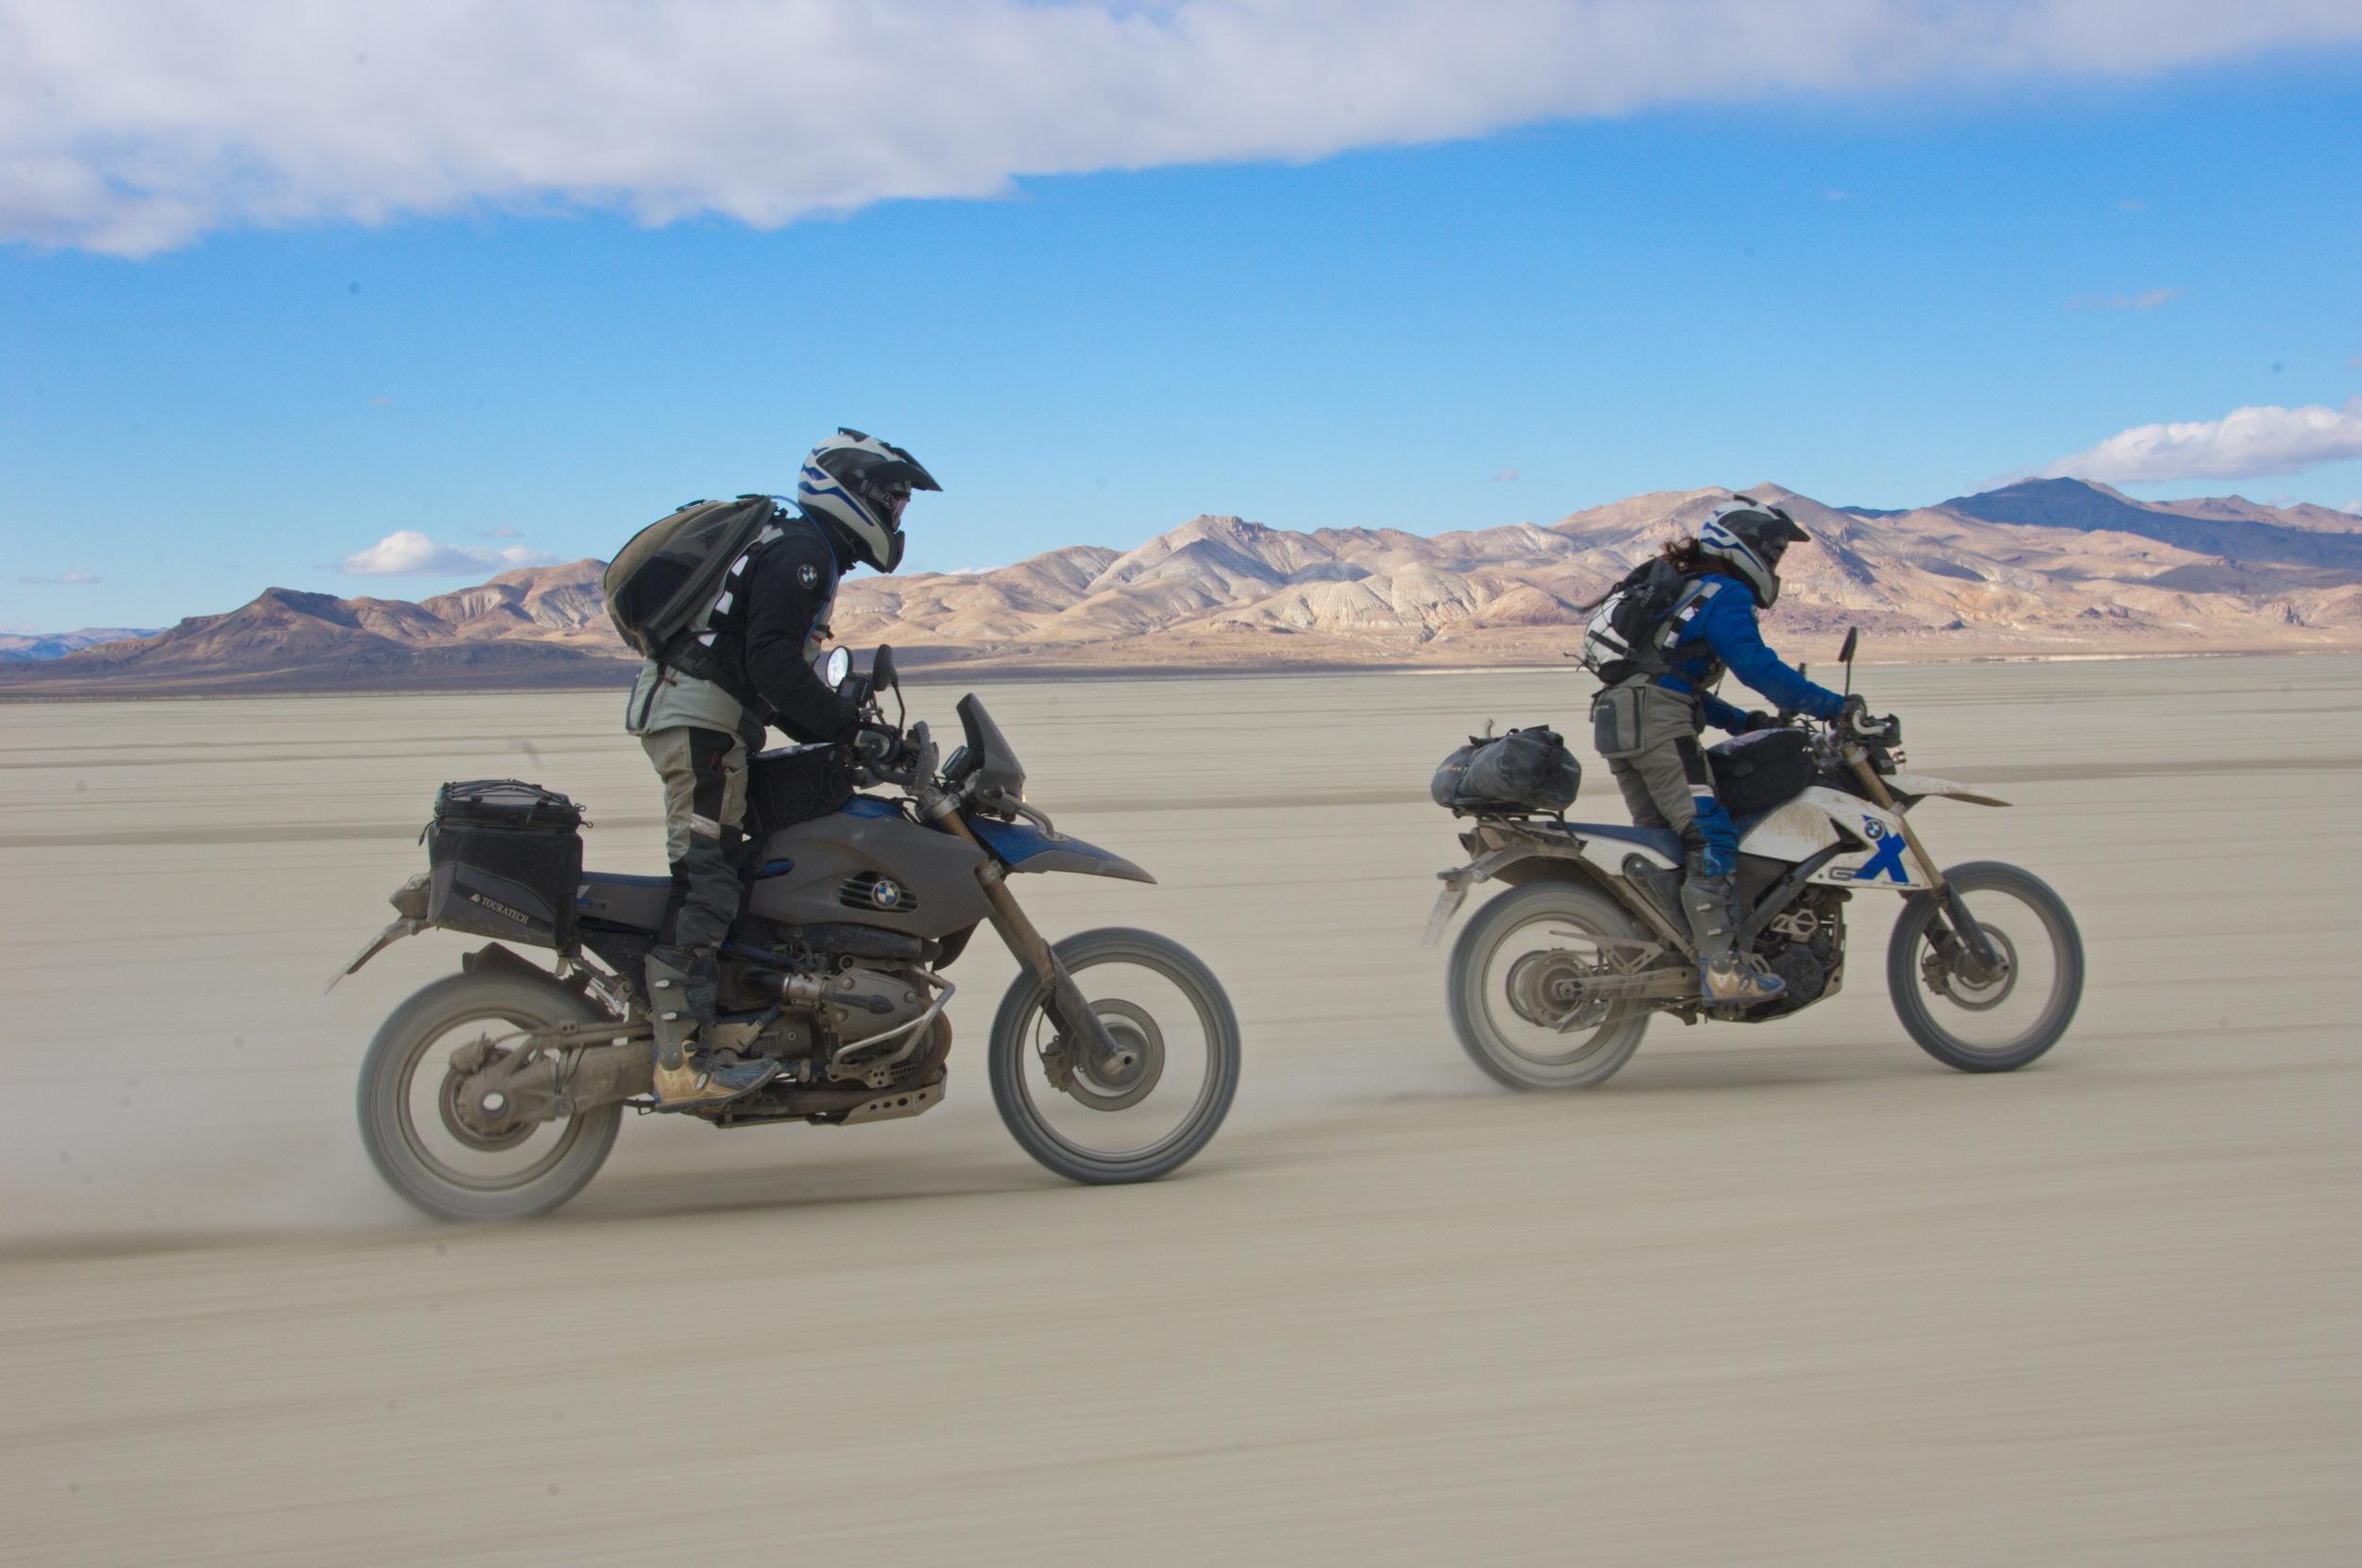 Black_Rock_Desert_USA.jpg